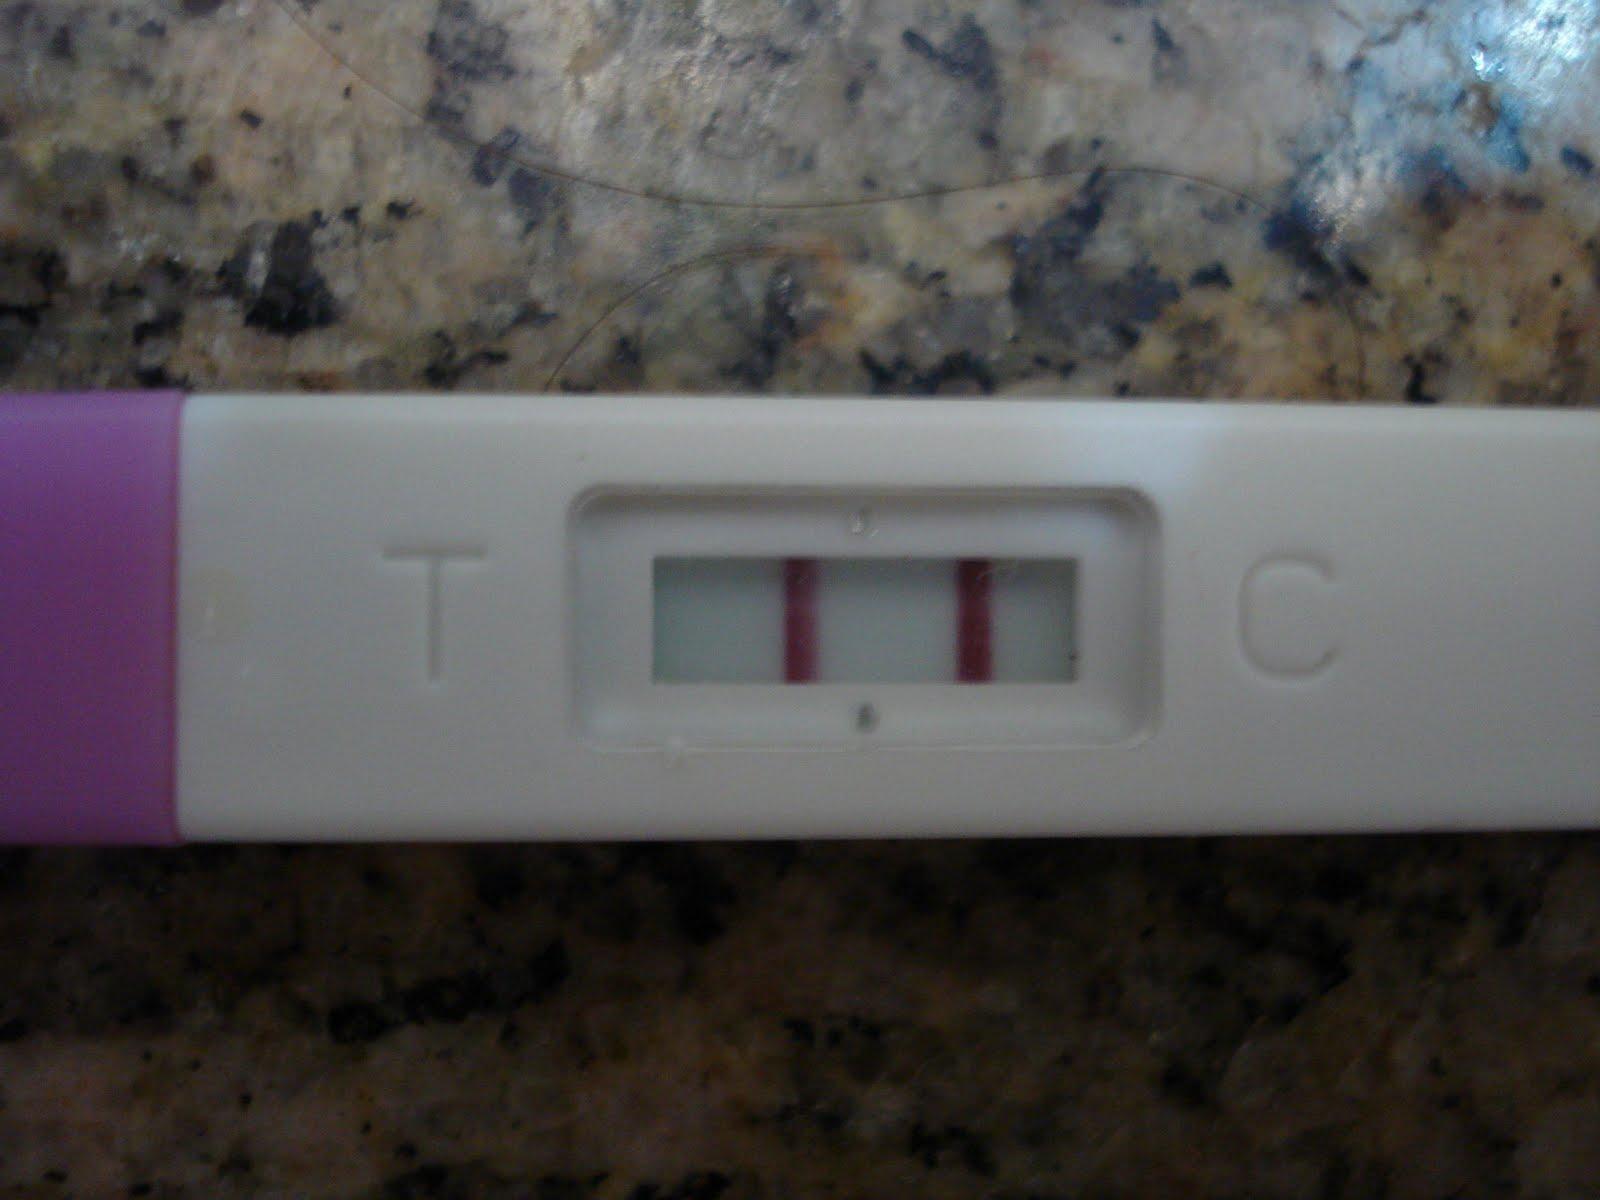 Fotos de exame de gravidez positivo